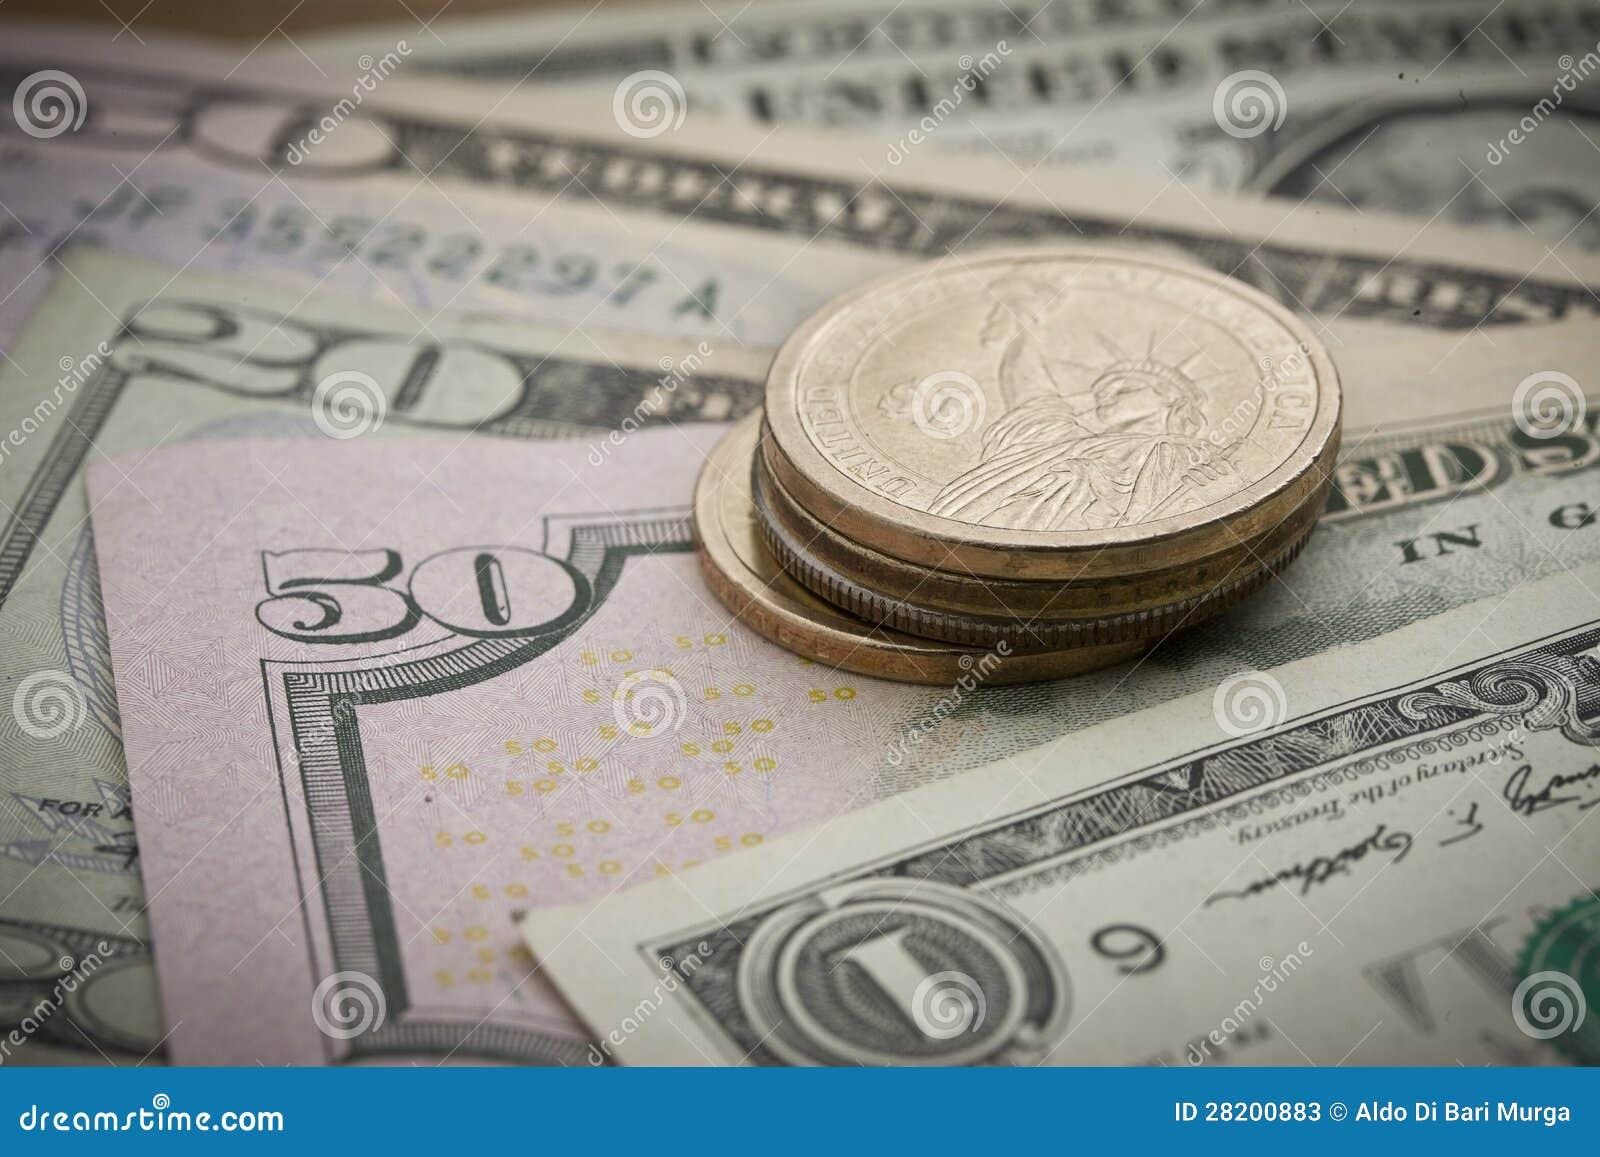 Efectivo: Billetes de banco y monedas